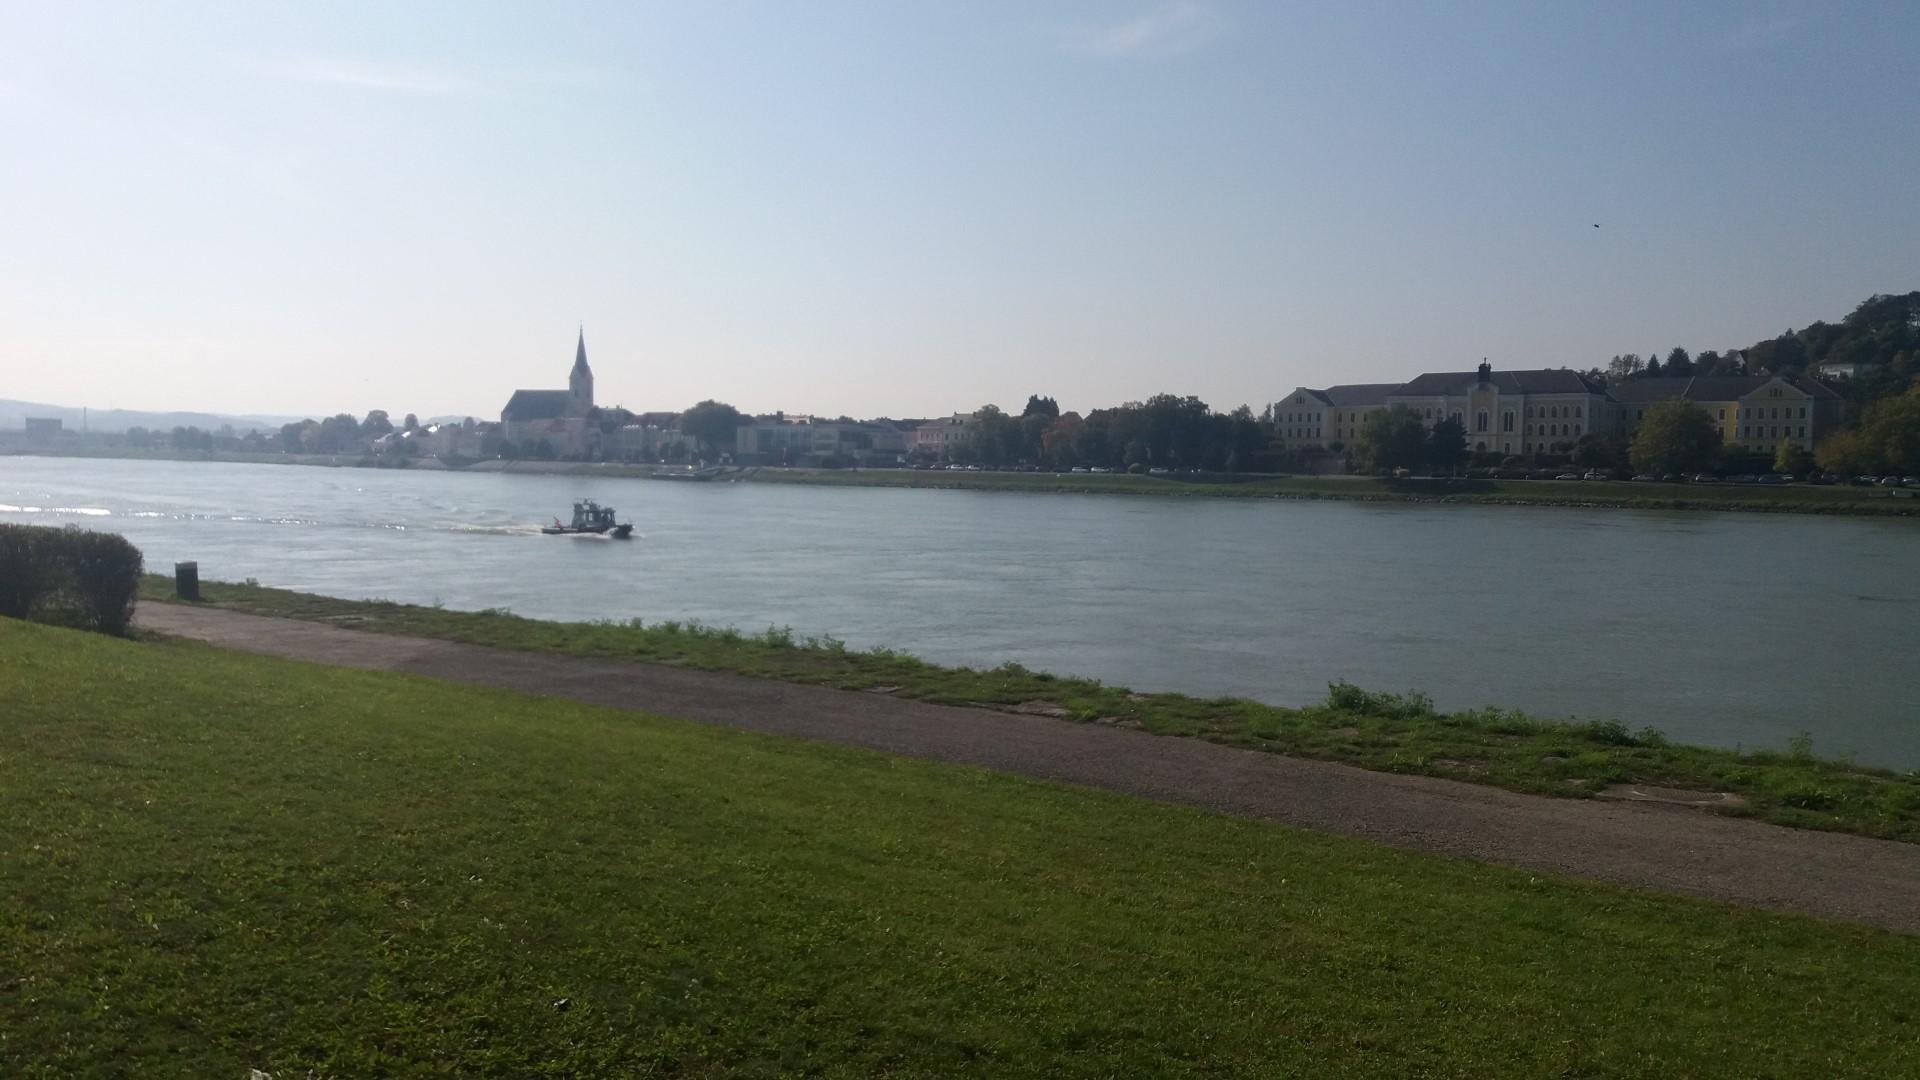 2017.09.29-30 Vollaufbau Hochwasserschutz (31) (Large)